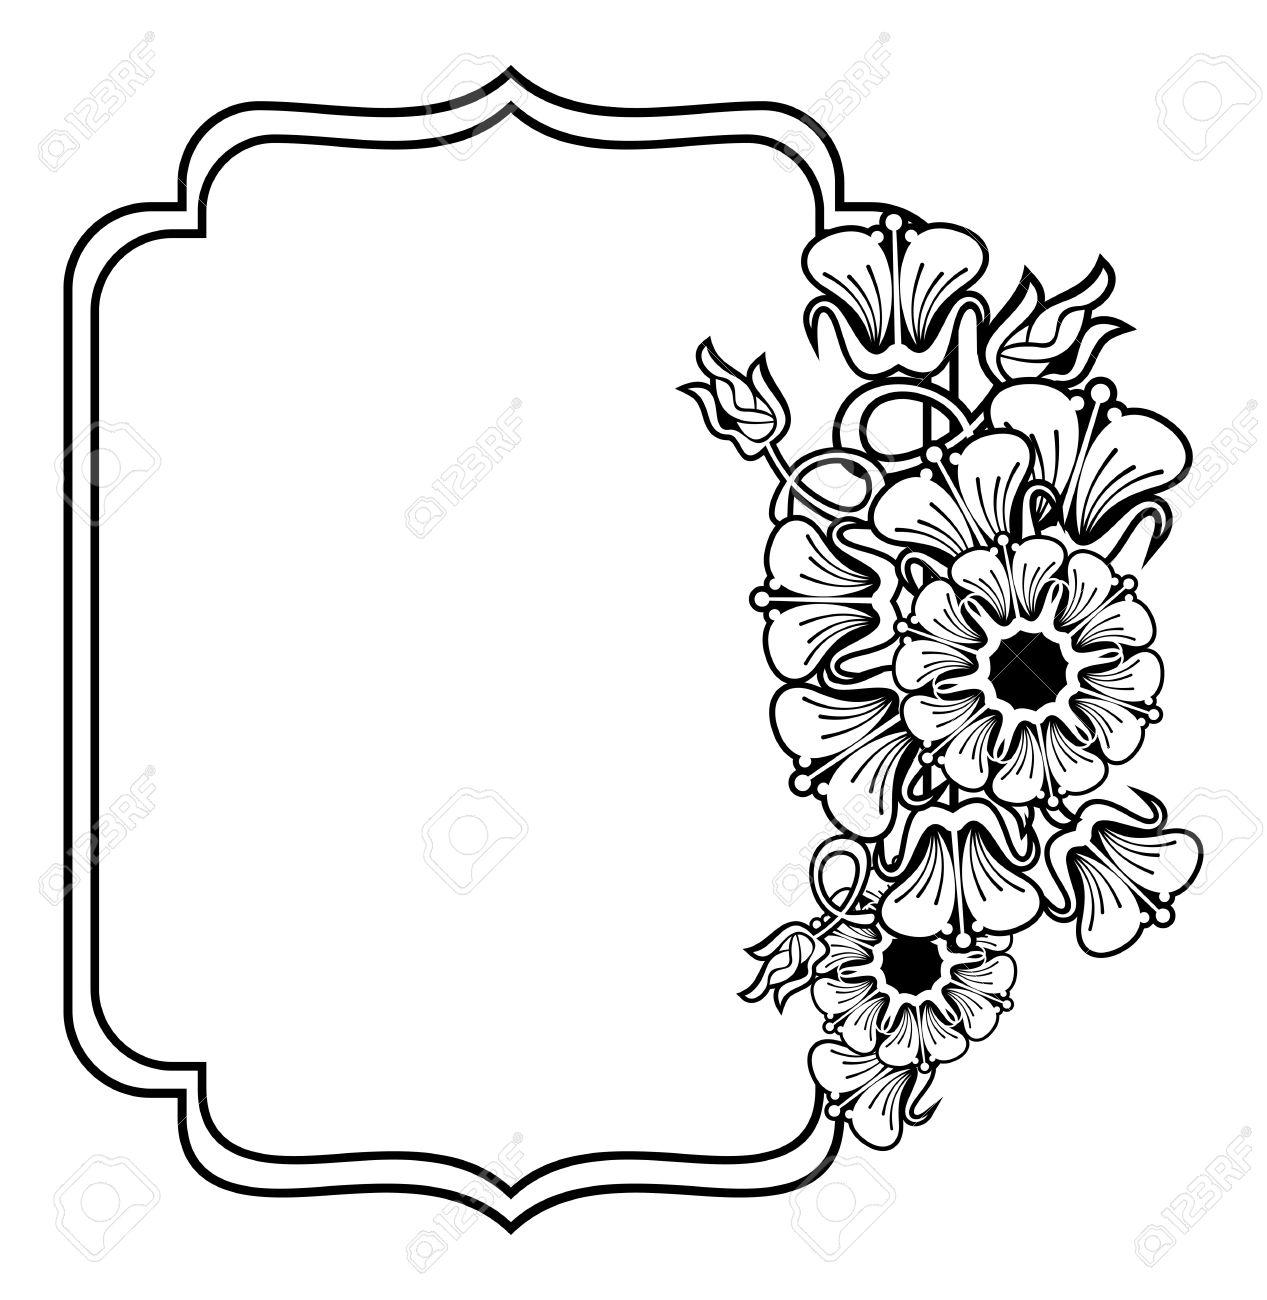 Contorno Vertical Negro Y Marco Blanco Con Flores Abstractas El Diseño Del Arte De Línea Para Colorear Anuncios Boda Invitaciones Etiquetas Y